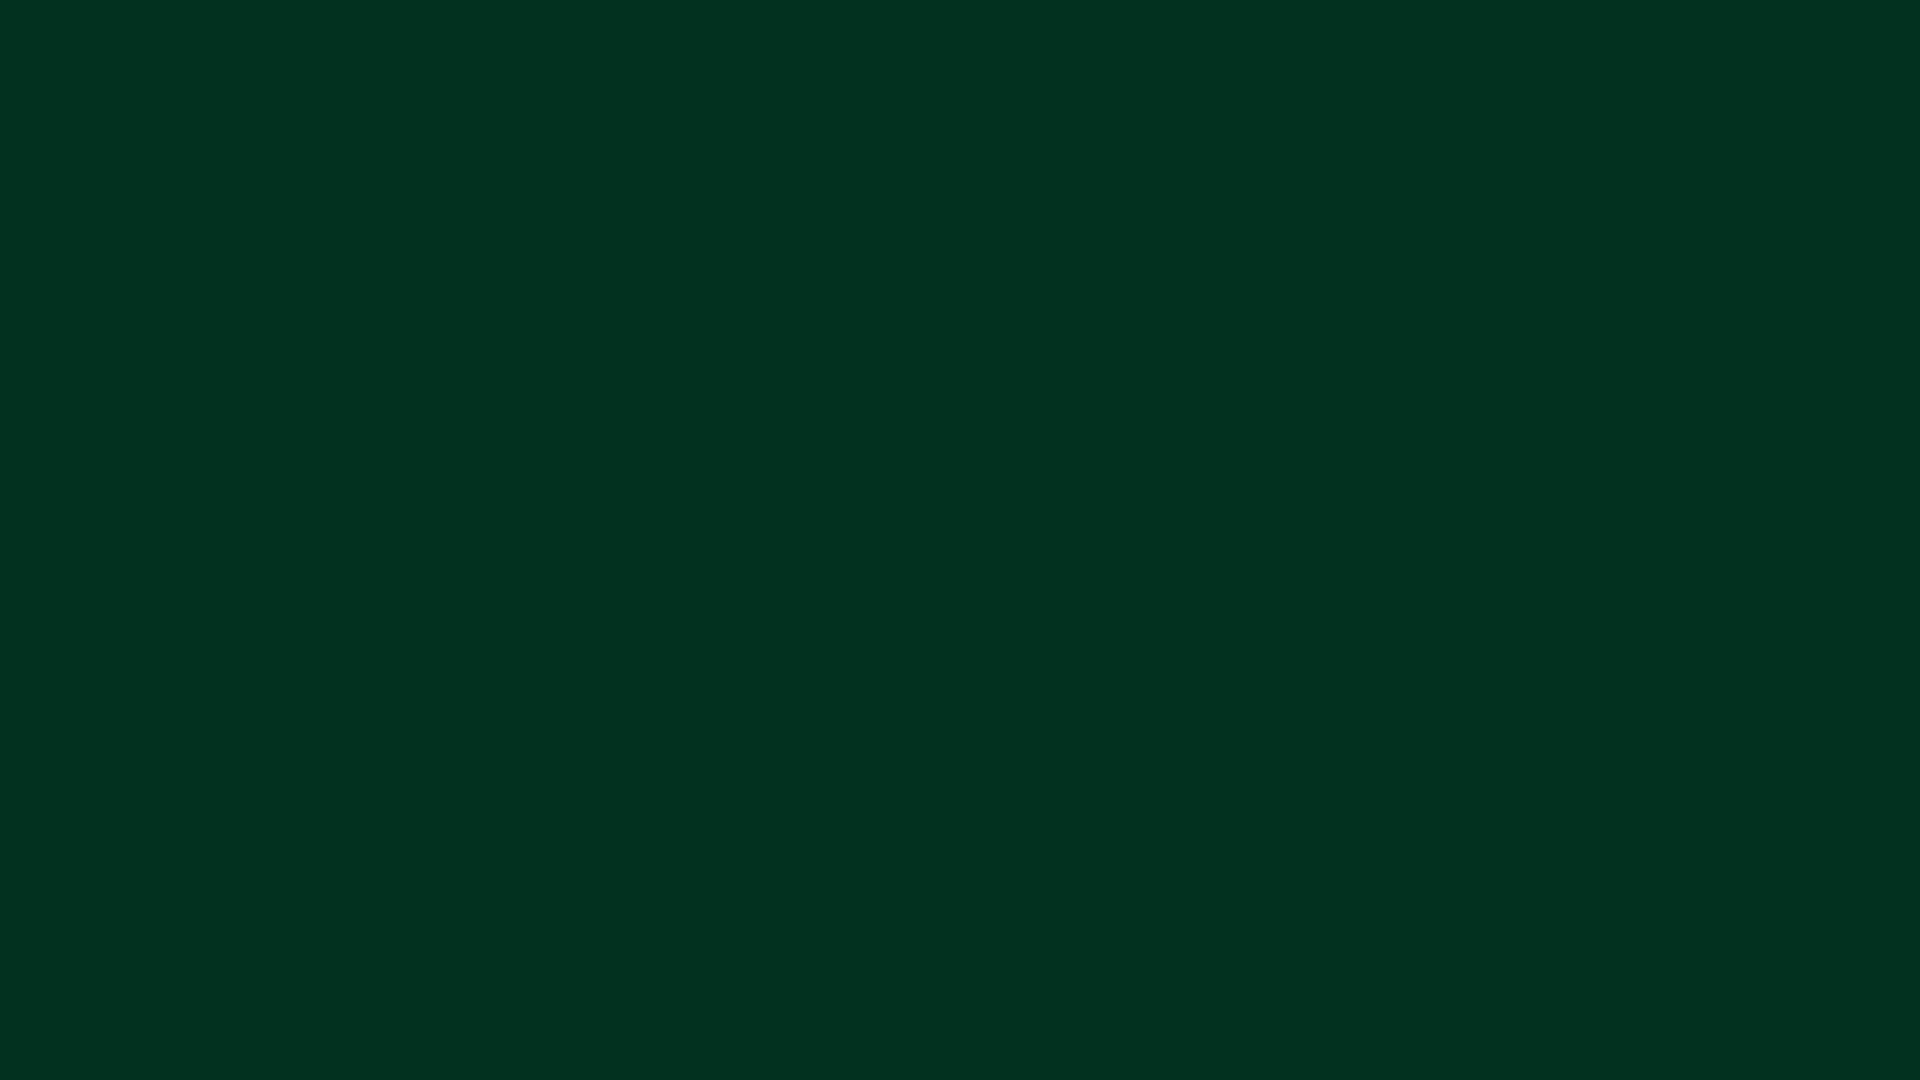 green color wallpaper 183��